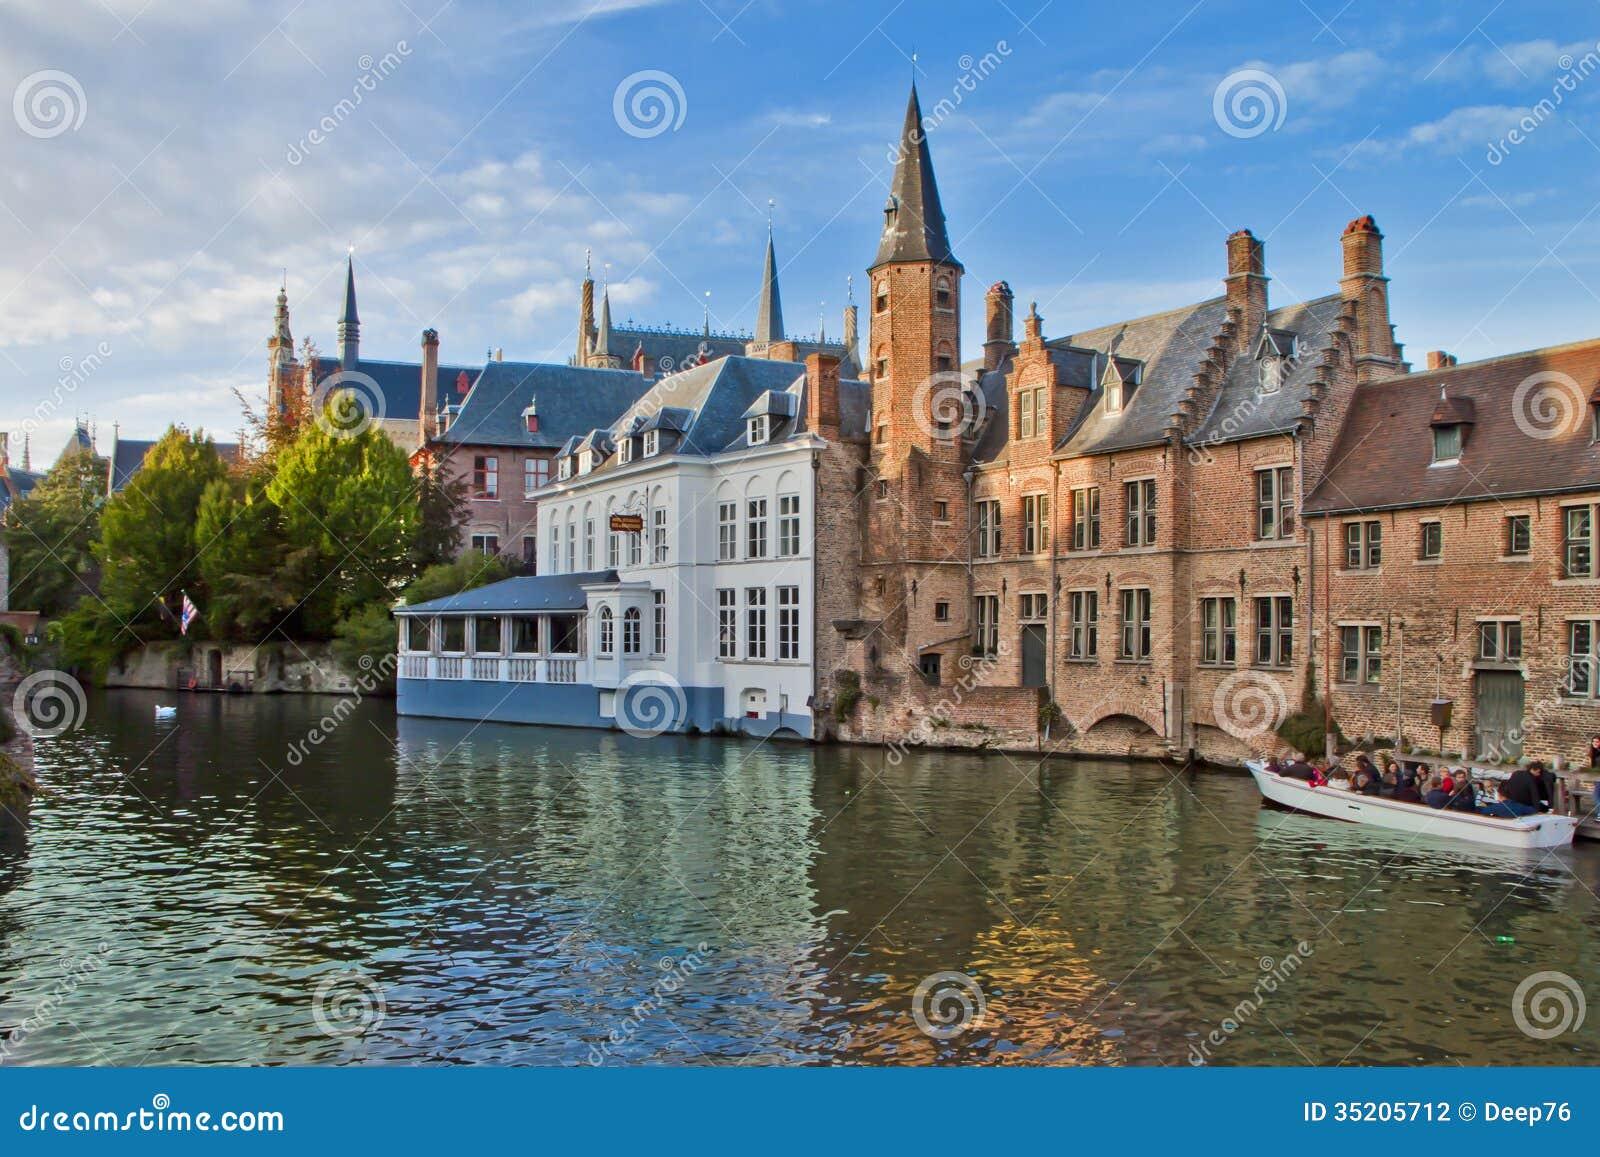 Παλαιά σκηνή πόλεων στη Μπρυζ, Βέλγιο